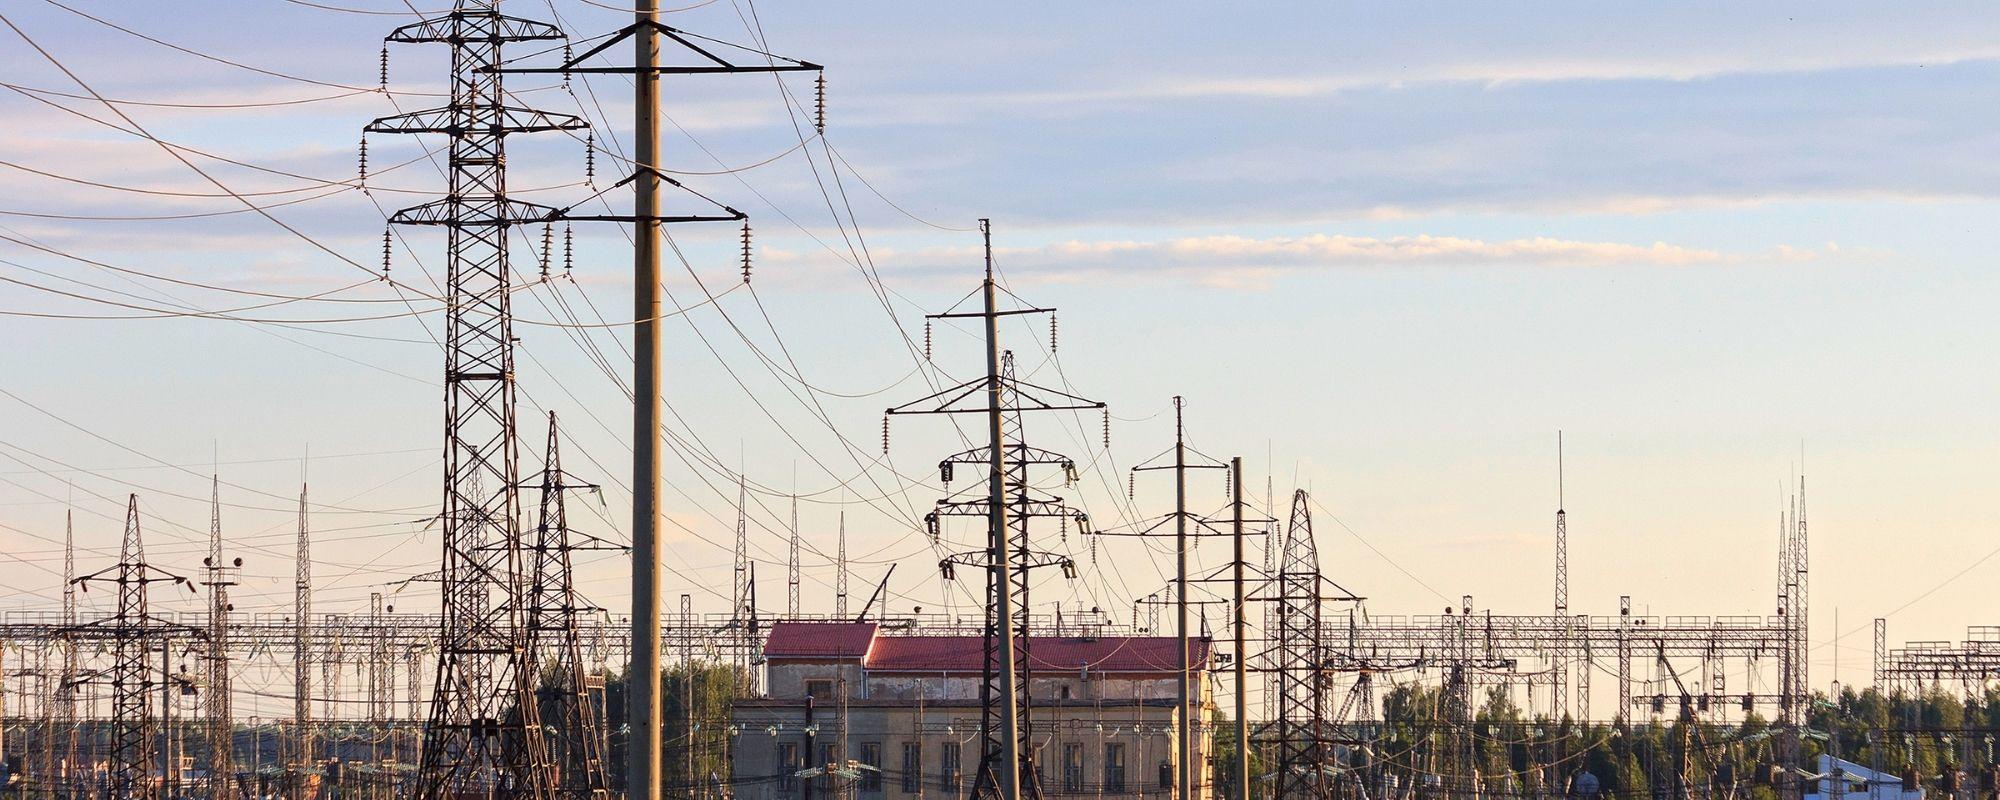 DESDE HOY HASTA EL 20 DE JULIO SE PODRÁN SOLICITAR LAS AYUDAS PARA LA COMPENSACIÓN DE COSTES DE ENERGÍA ELÉCTRICA A LOS CONSUMIDORES ELECTROINTENSIVOS